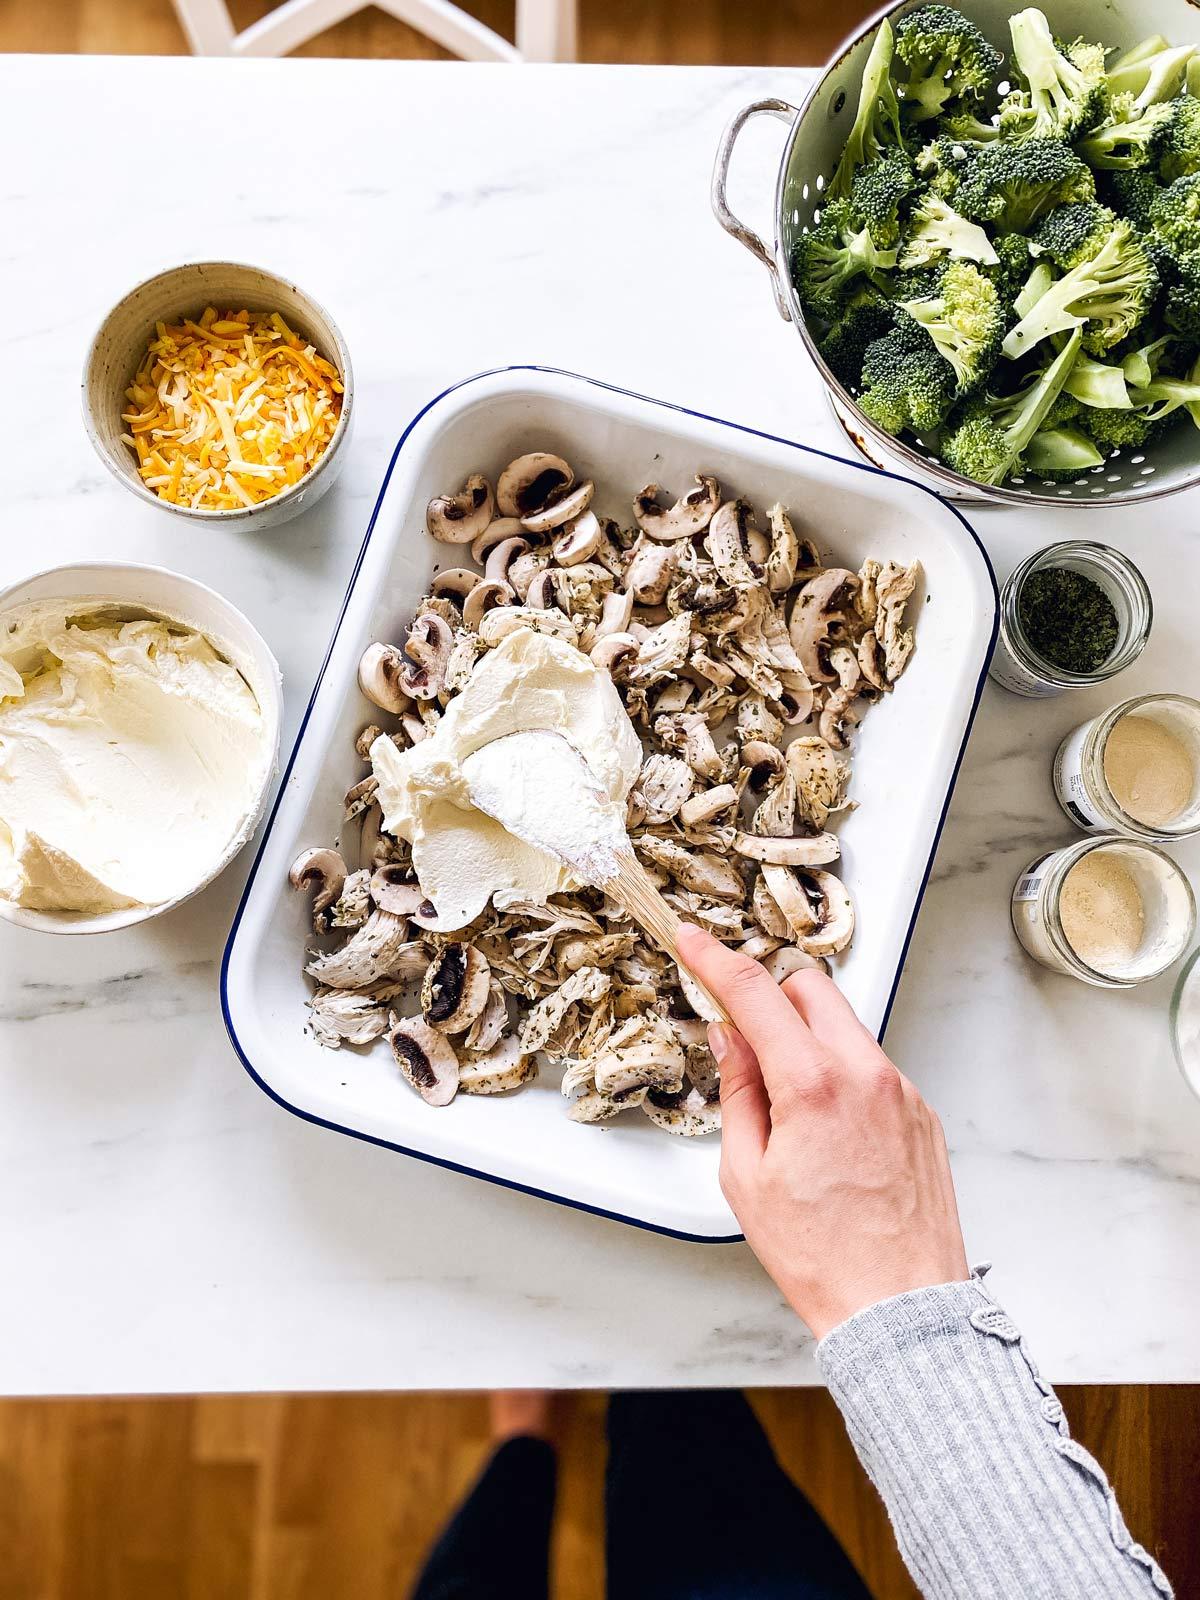 female hand spreading cream cheese over chicken in casserole dish